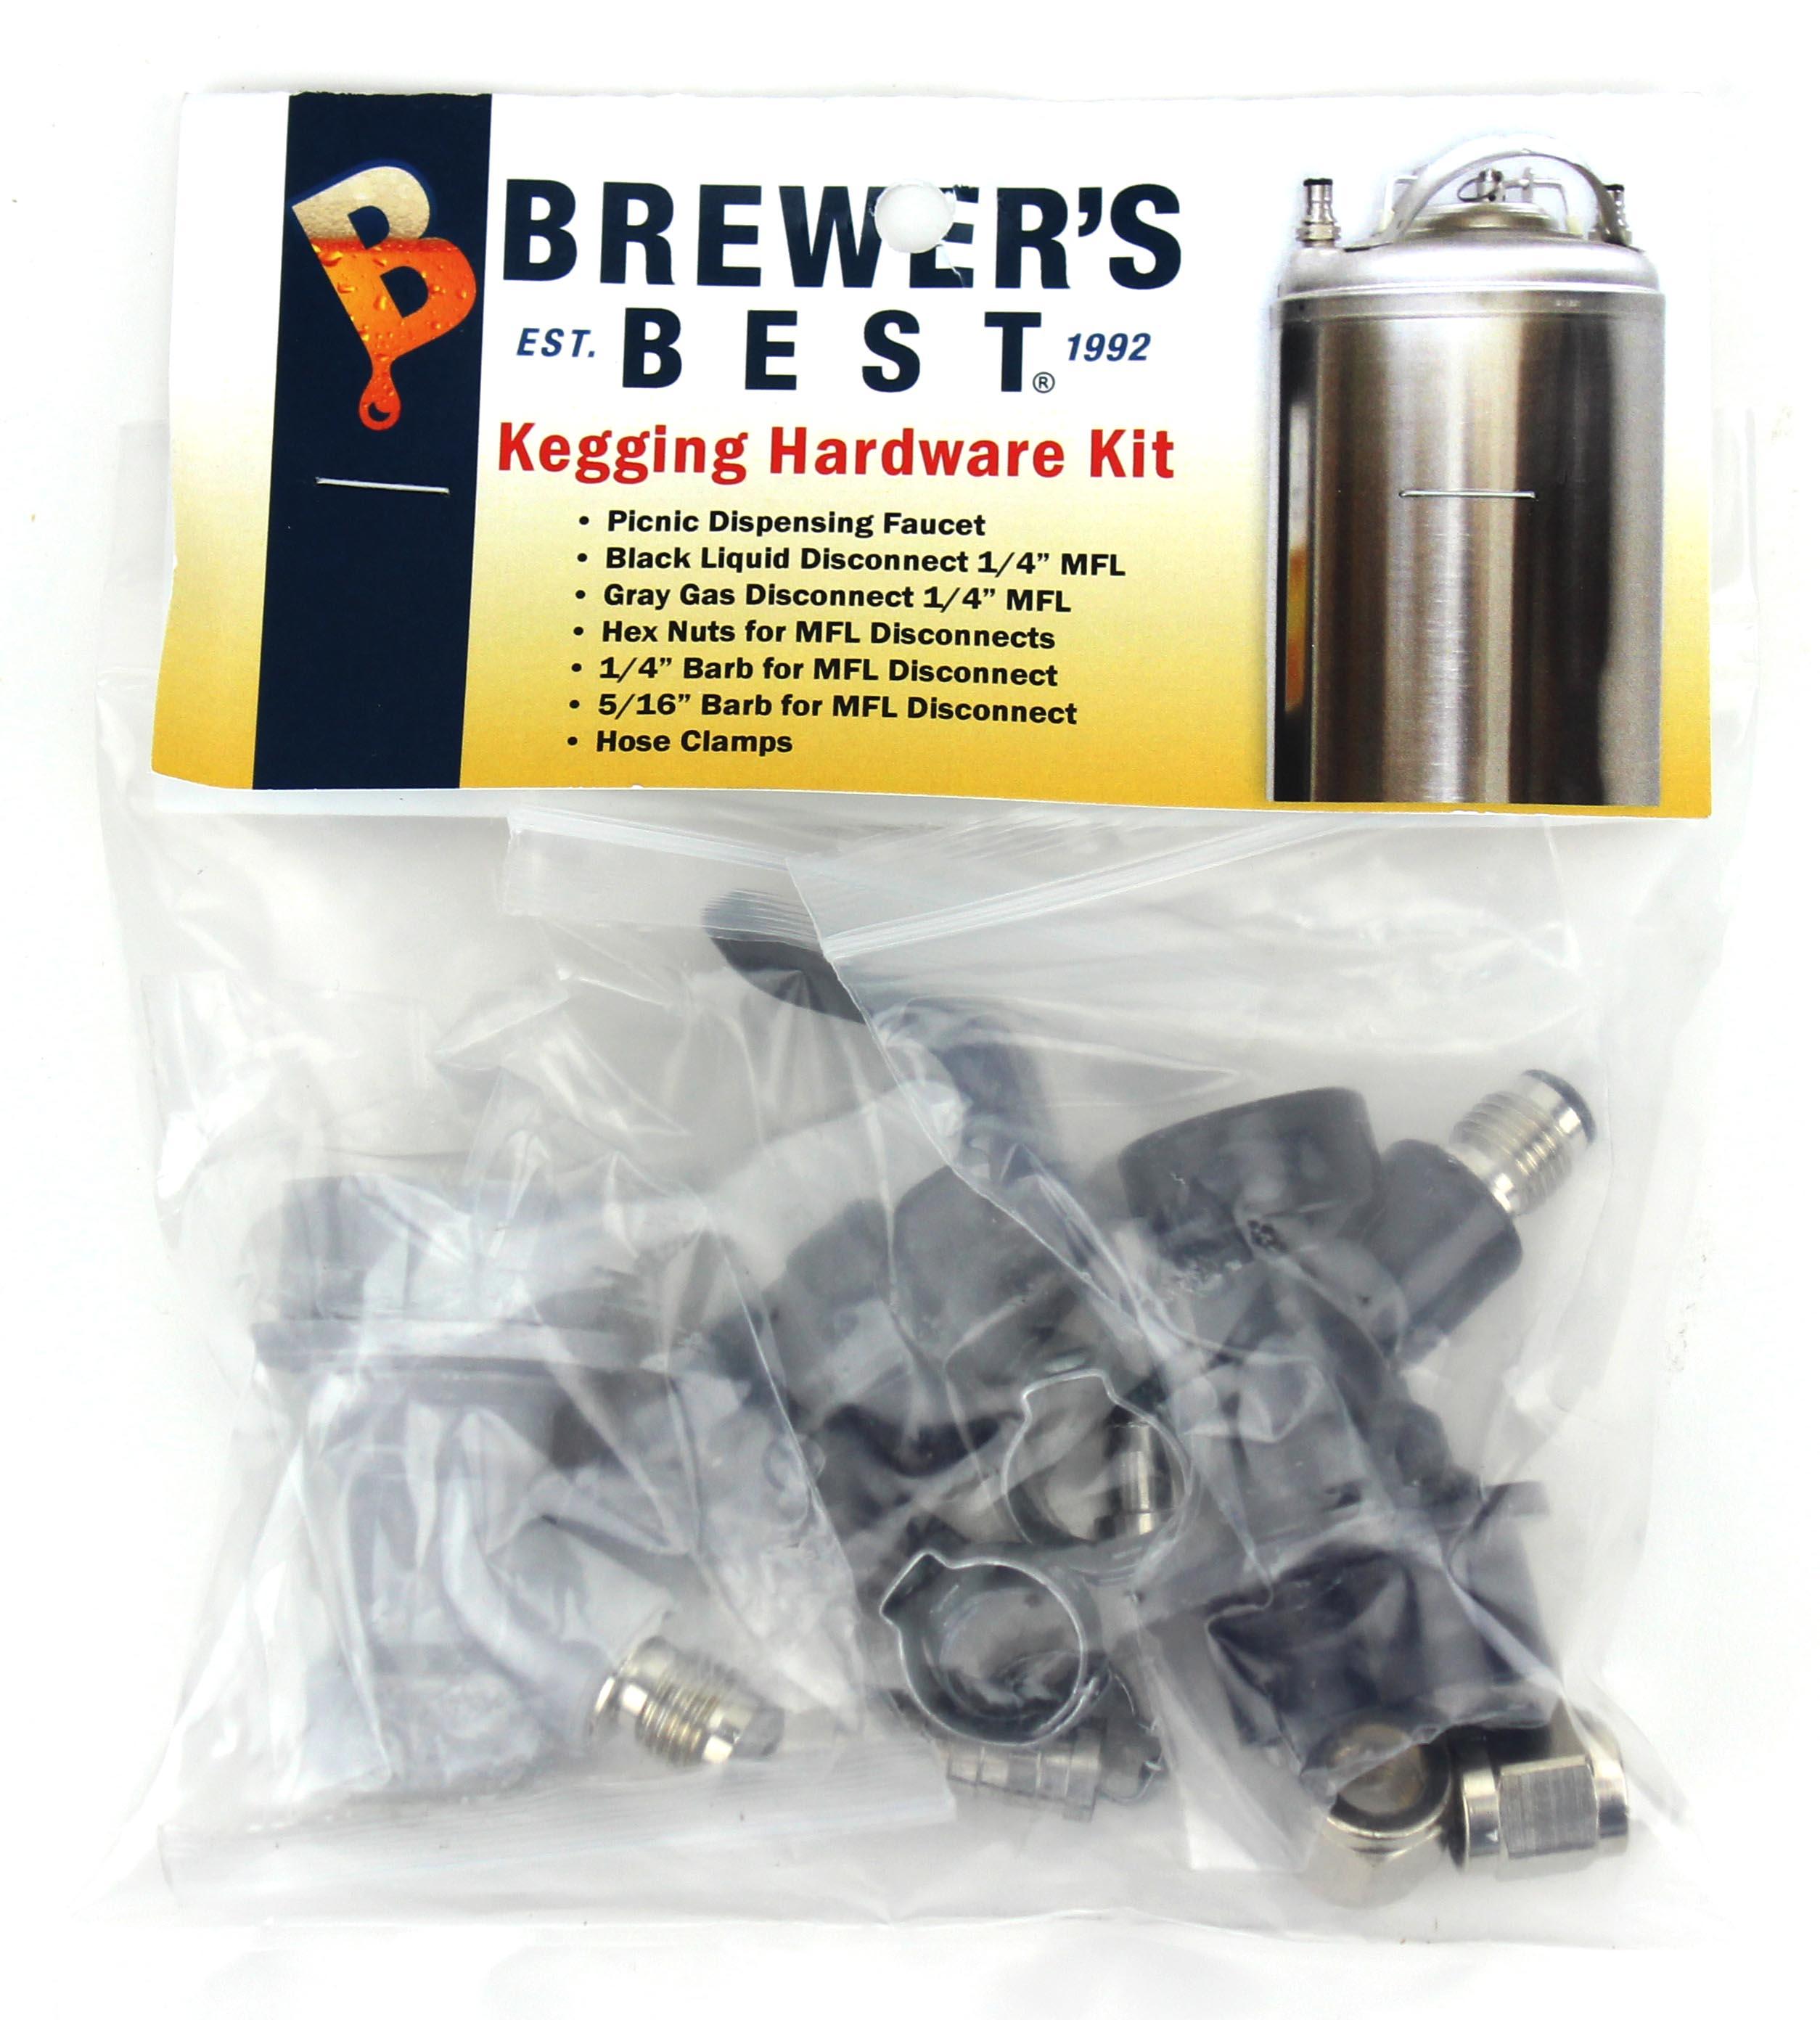 Kegging Hardware Kit:Ball Lock Keg (1)